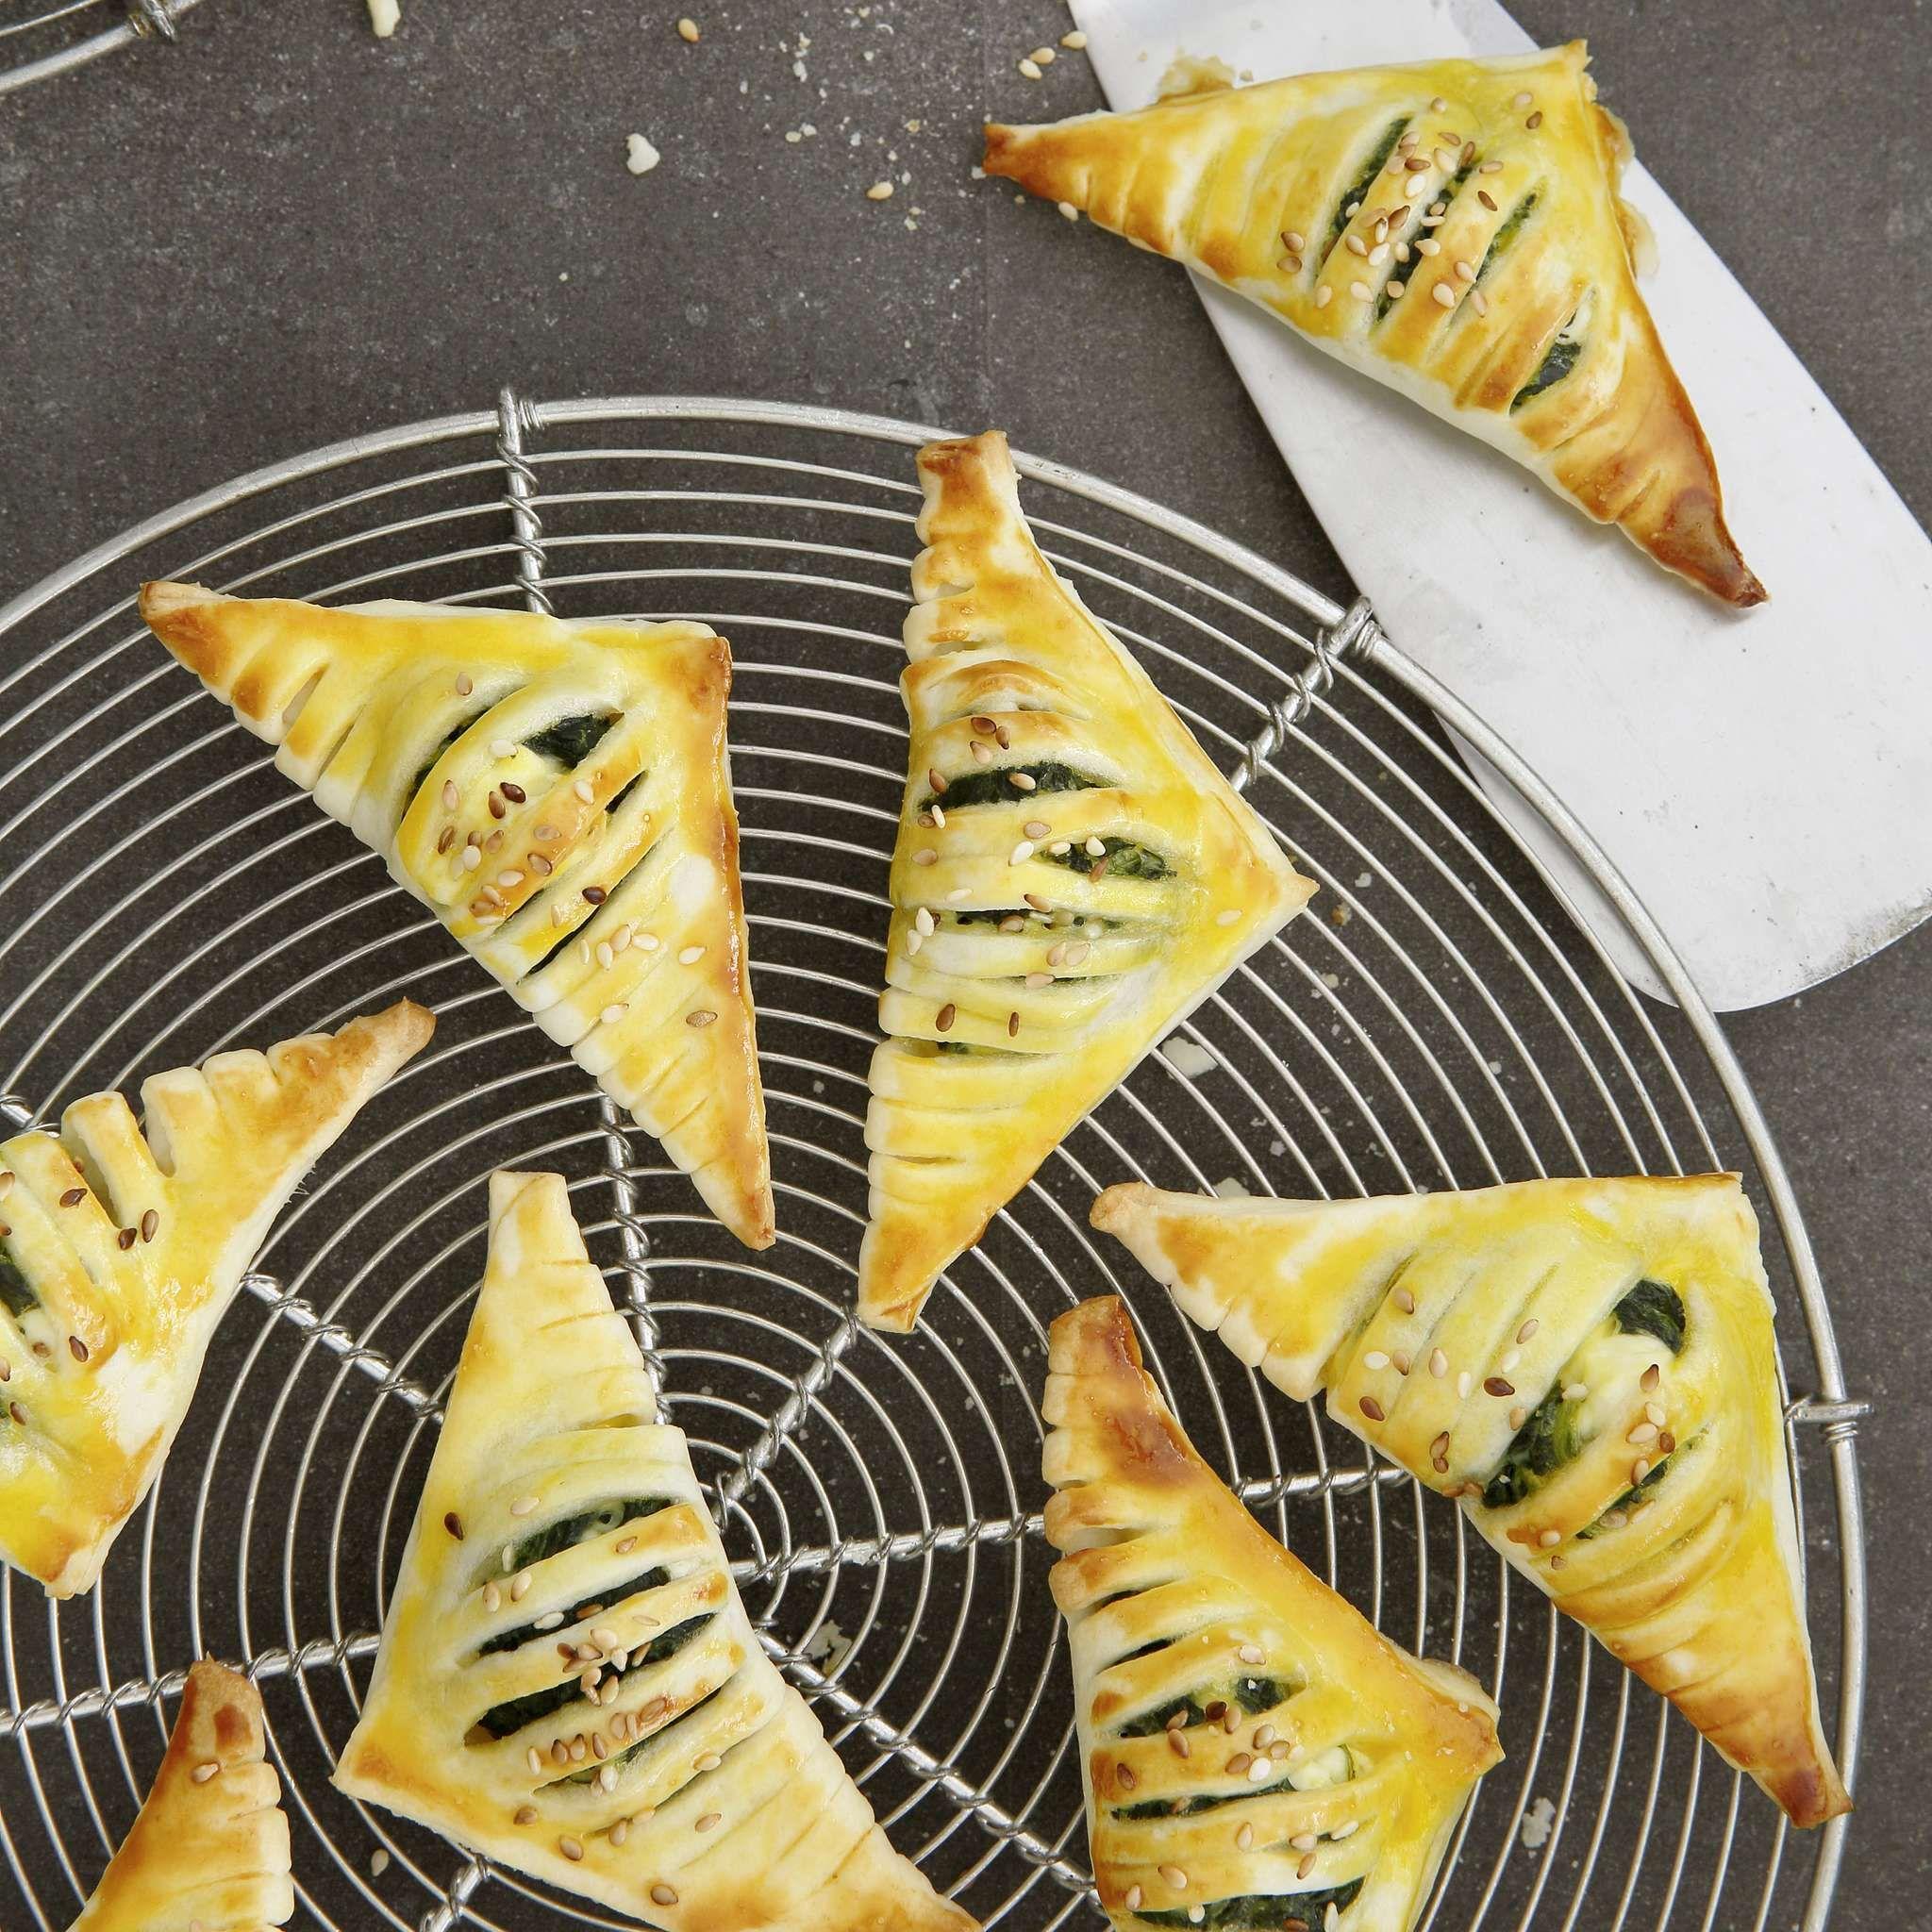 Mini Spinat Jalousie Rezept Mit Bildern Lebensmittel Essen Kochen Und Geniessen Spinat